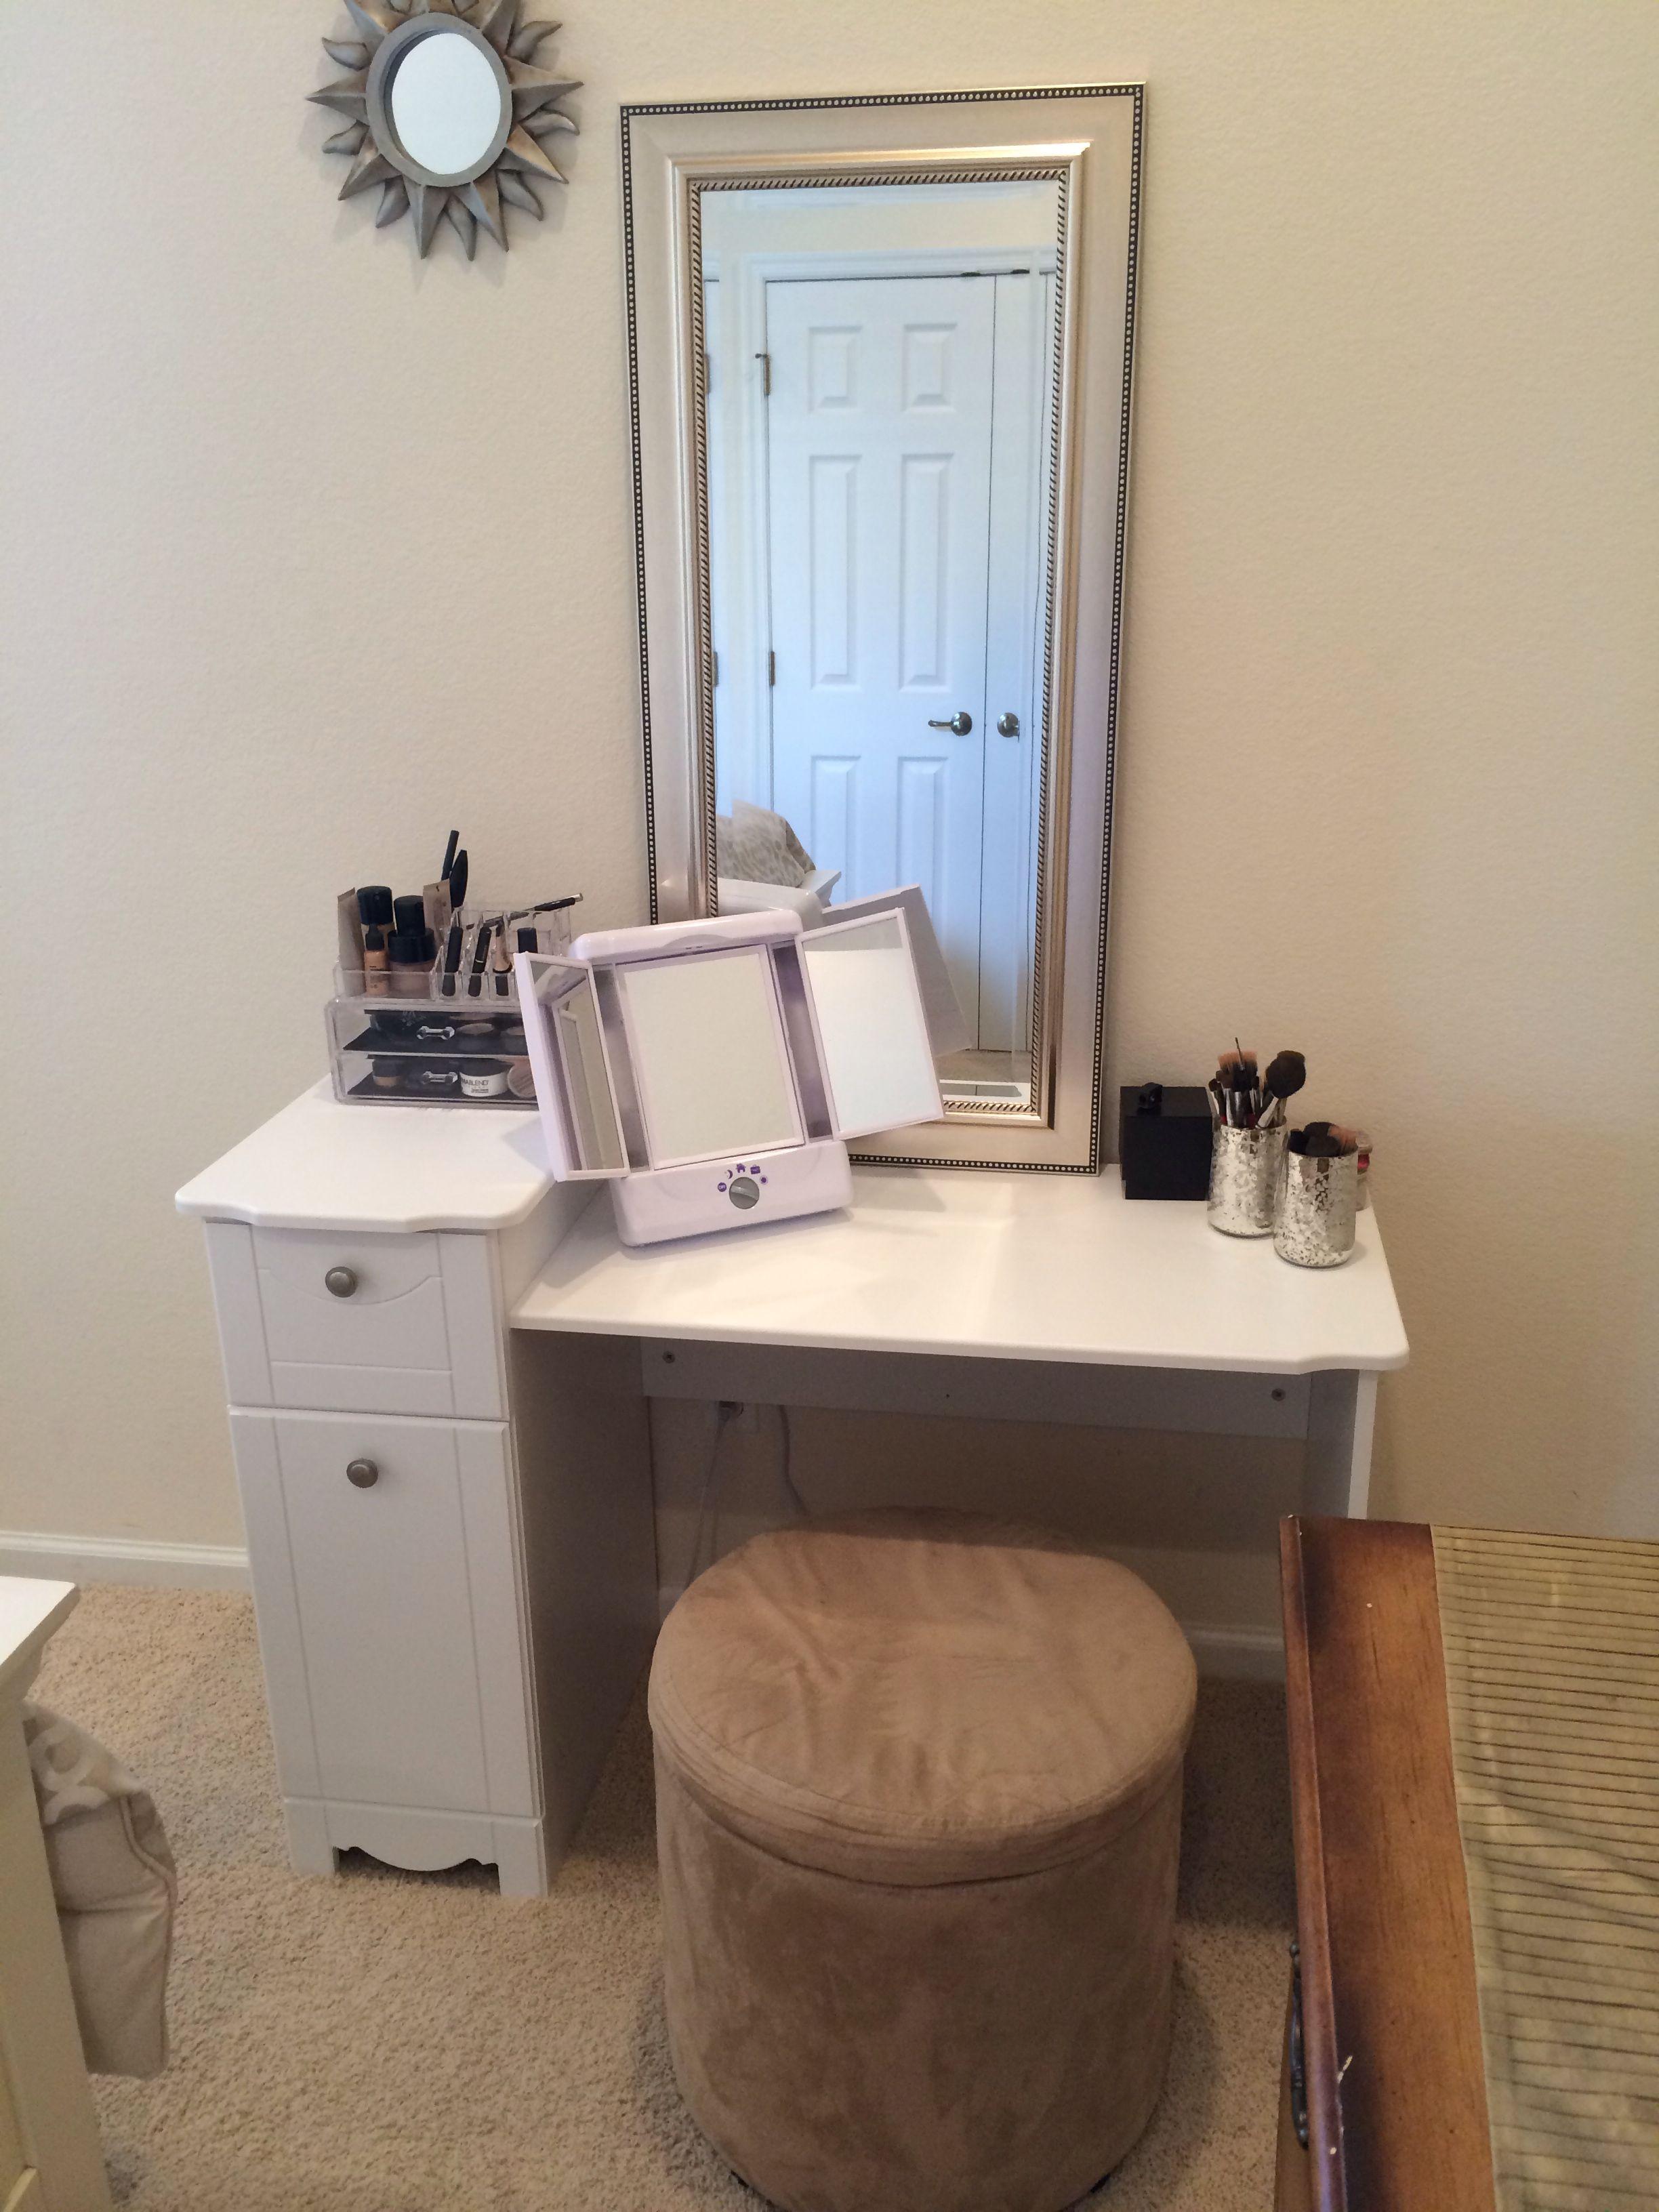 Pin By Dheja Green On Creative Vanities And Makeup Storage Diy Makeup Vanity Beauty Room Vanity Makeup Vanity